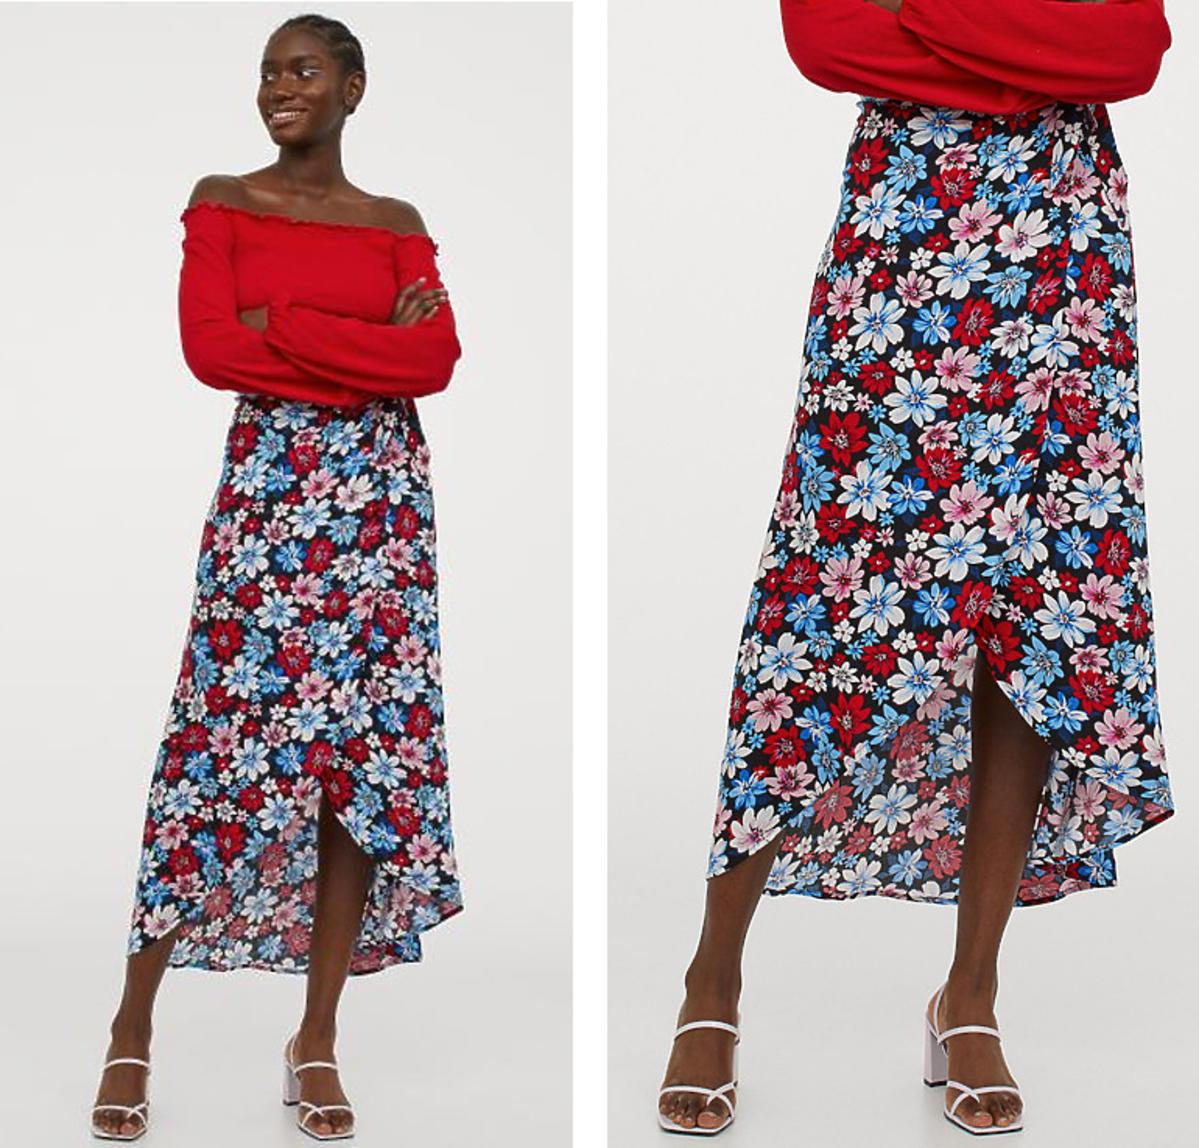 H&M wypuścił hit na wiosnę 20202! To najpiękniejsza kopertowa spódnica za 59 złotych